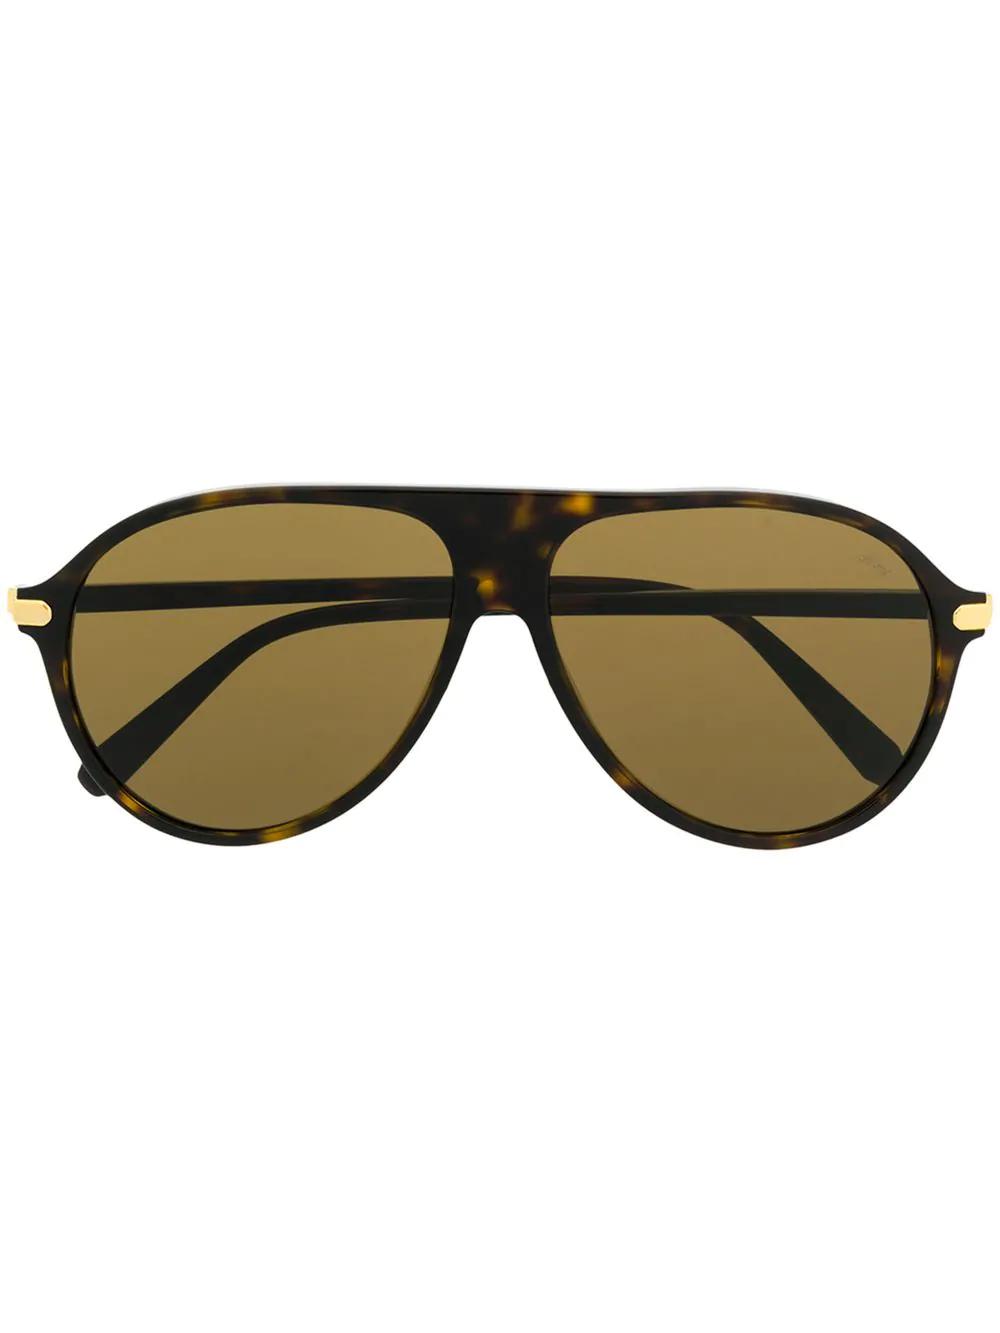 61f669fe6322 Brioni Tortoiseshell Aviator Sunglasses - Brown   ModeSens